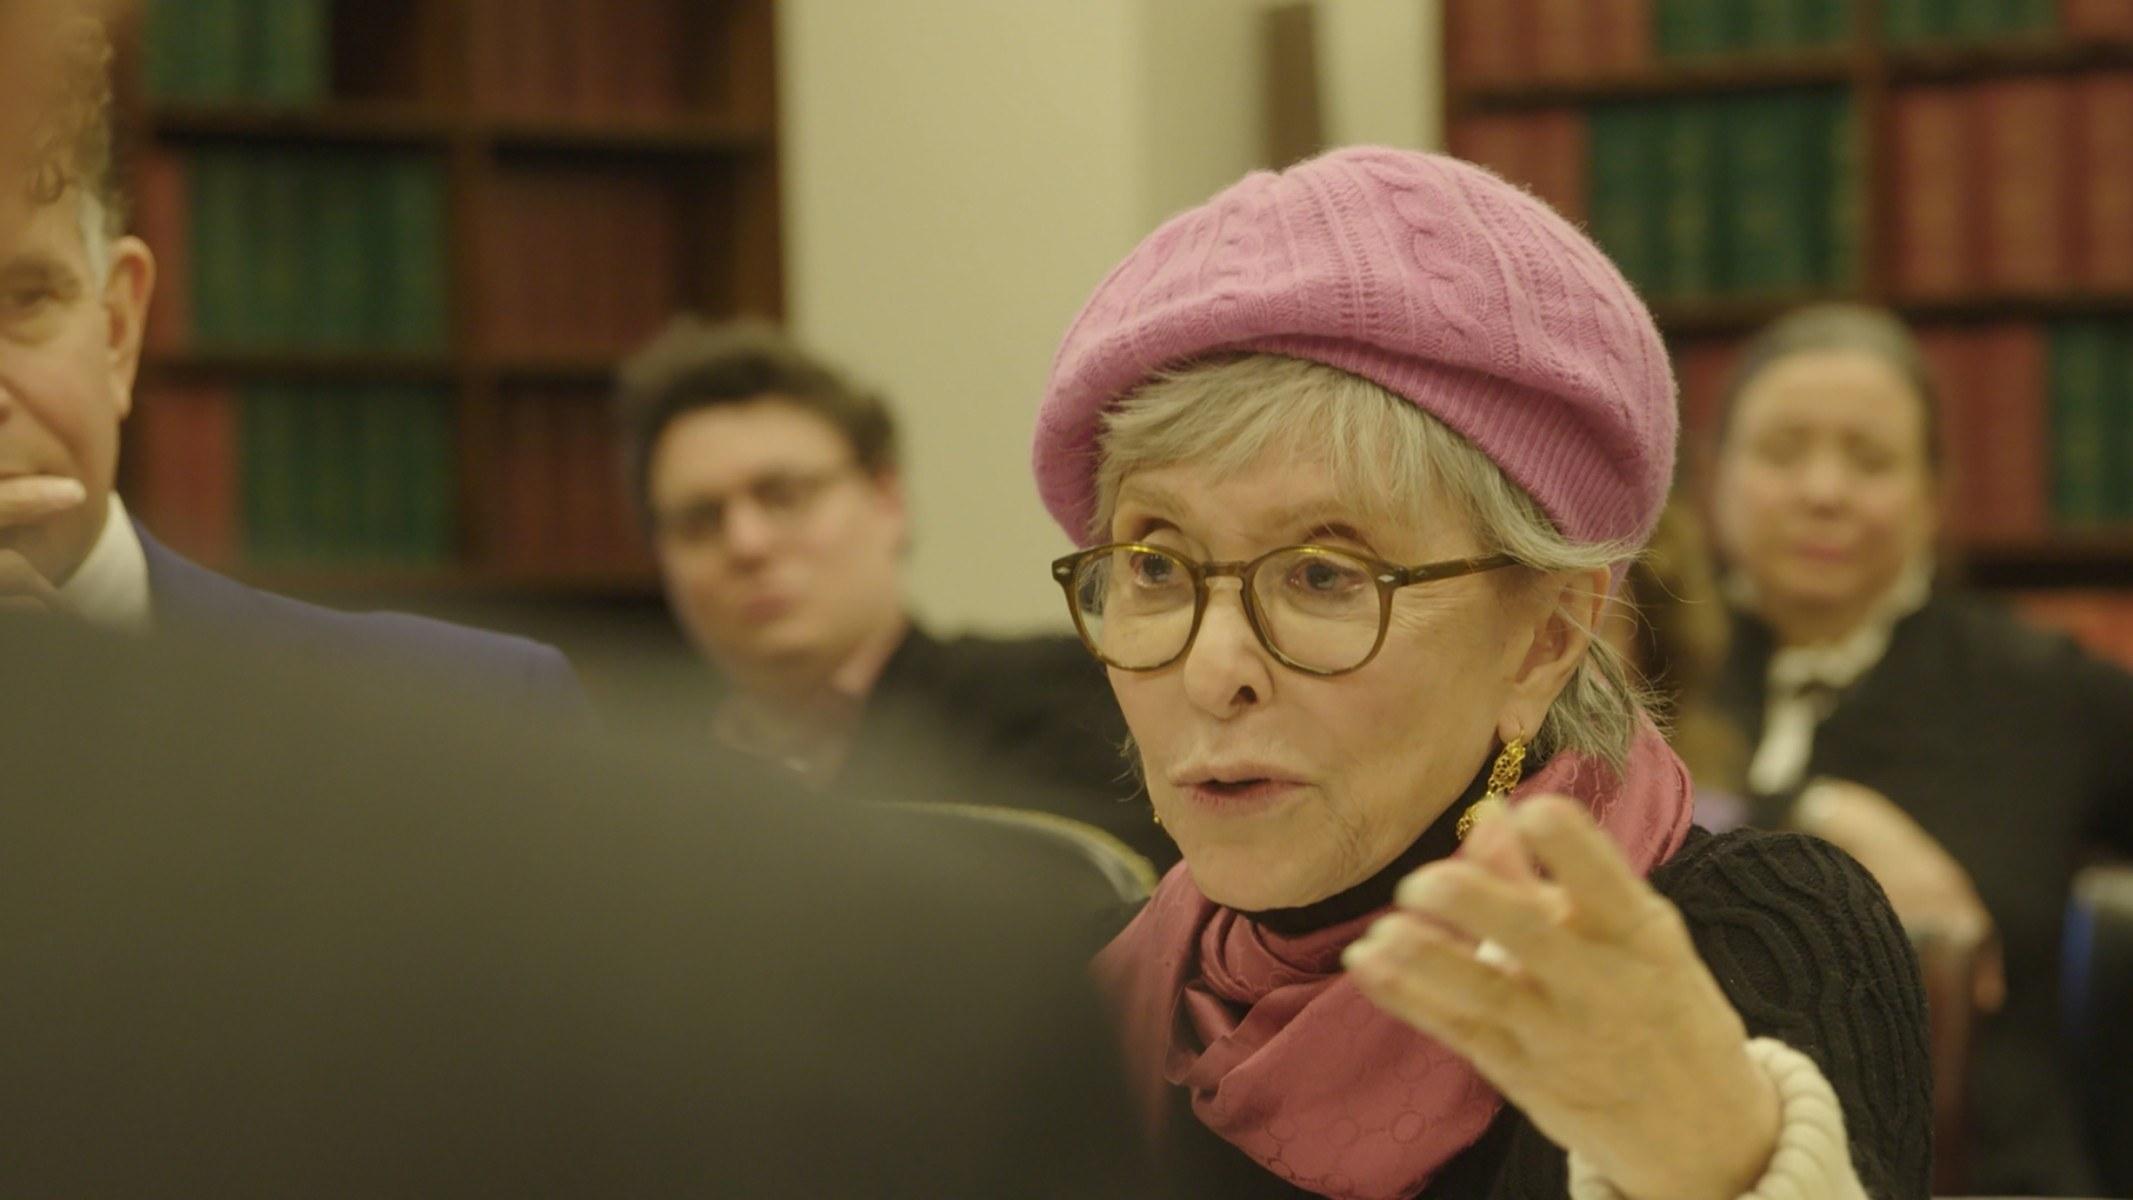 Rita Moreno speaks while wearing a pink hat